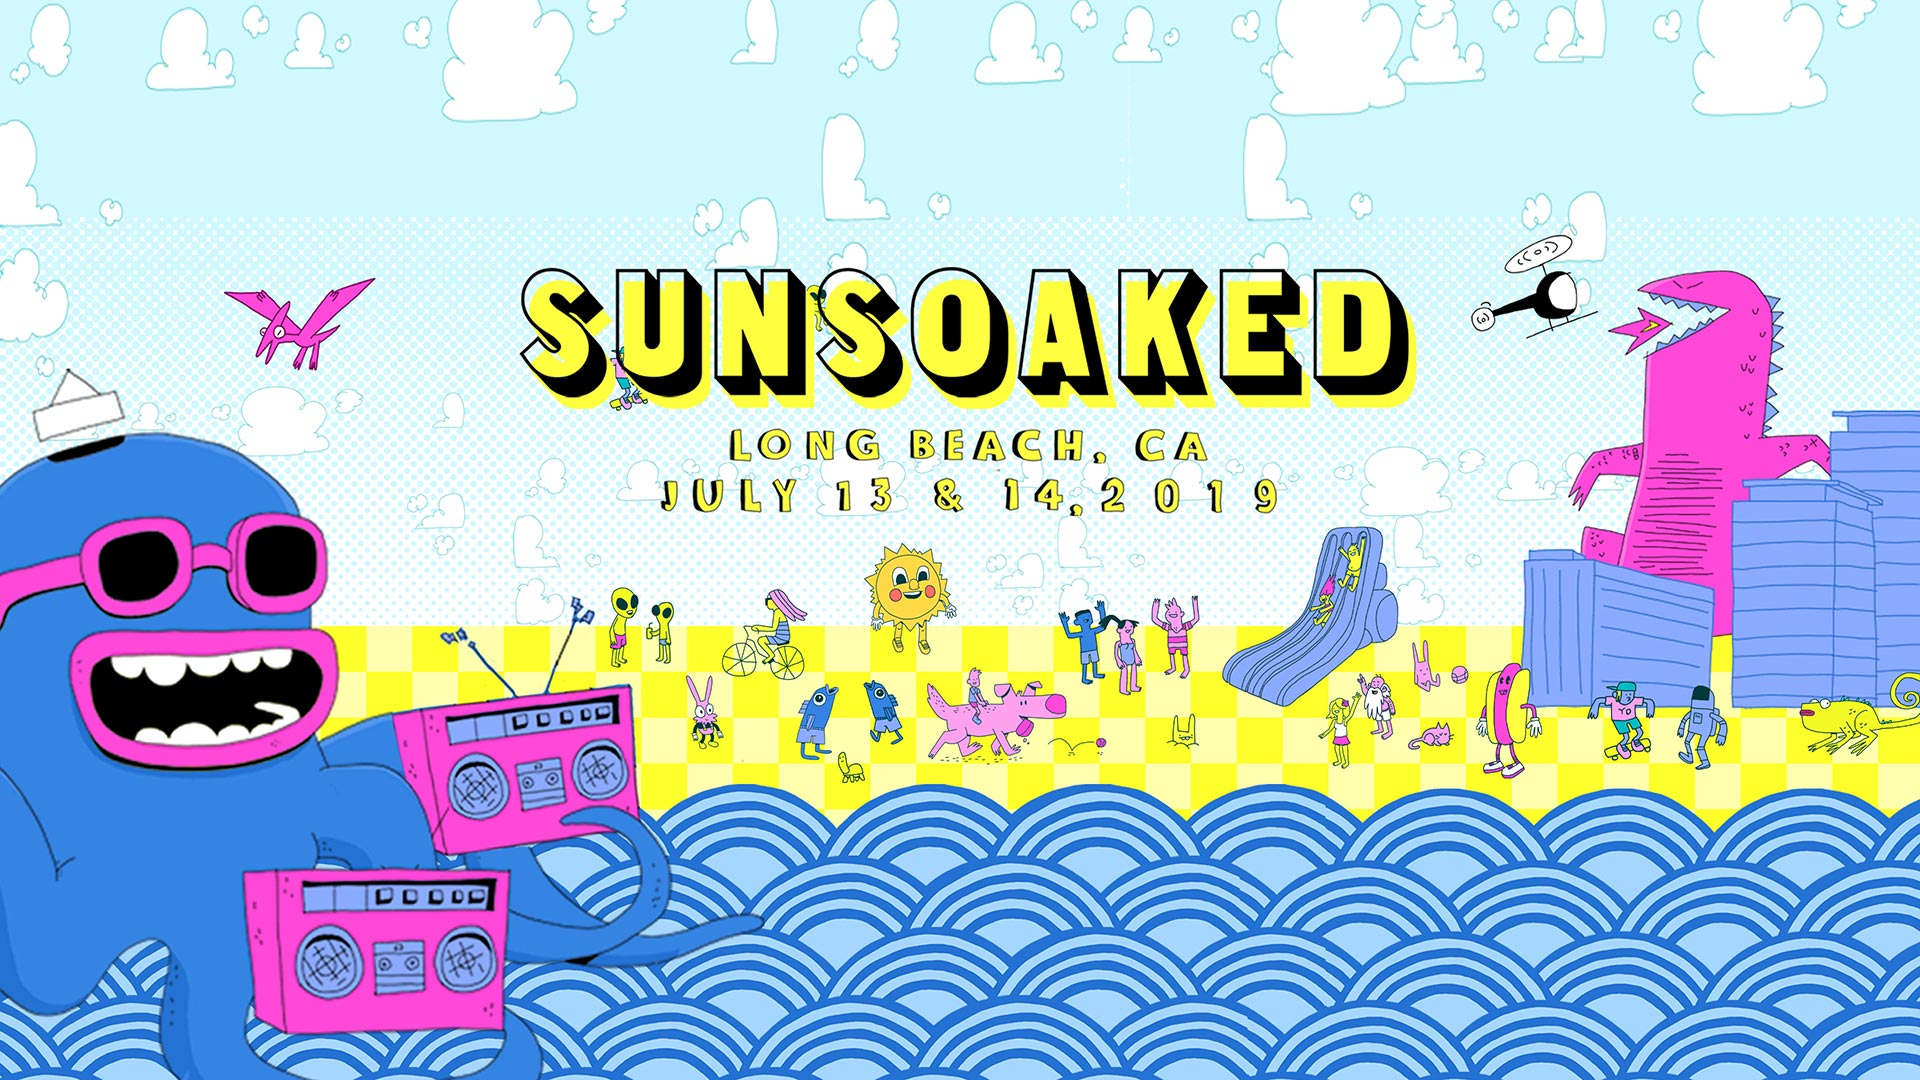 Sunsoaked-2019_Website_Image_Slide